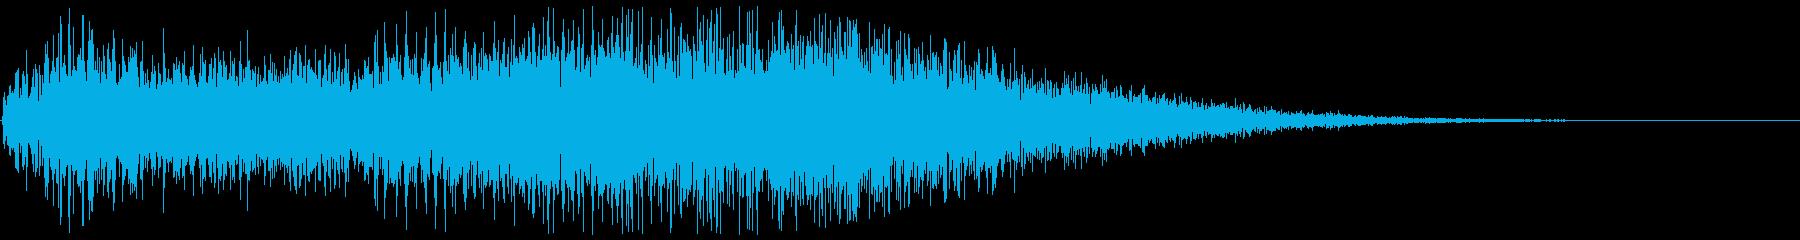 レーザーサーベルを起動させるイメージの再生済みの波形